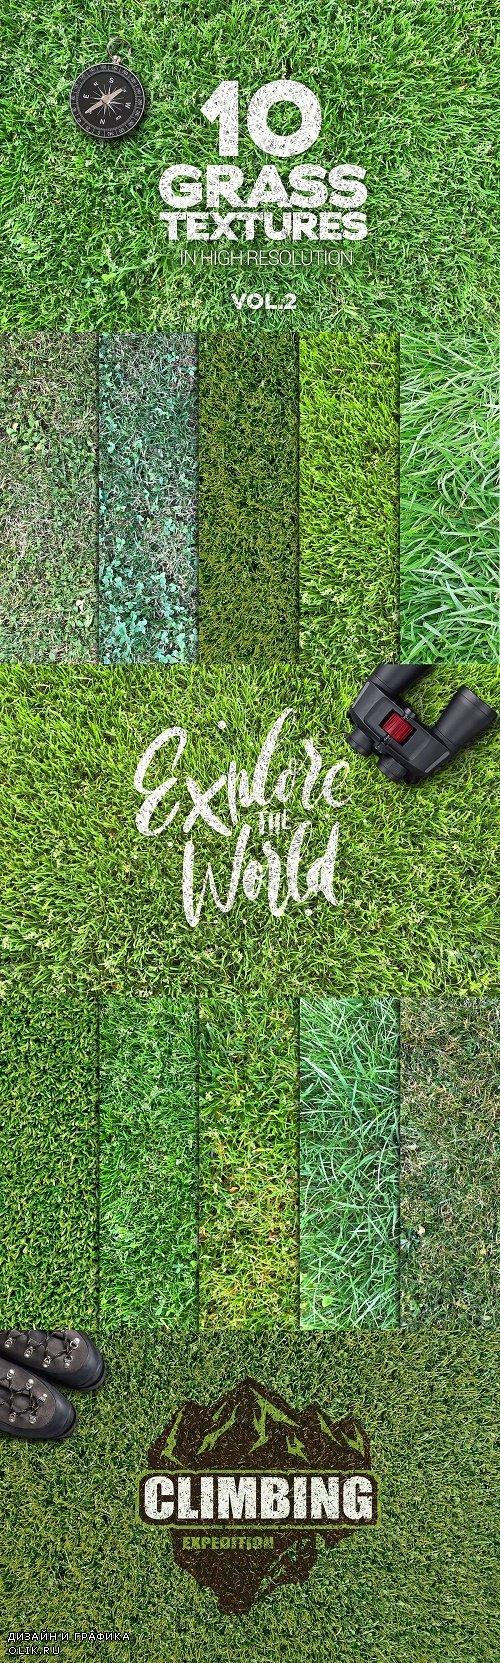 Grass Textures x10 vol2 - 3928459